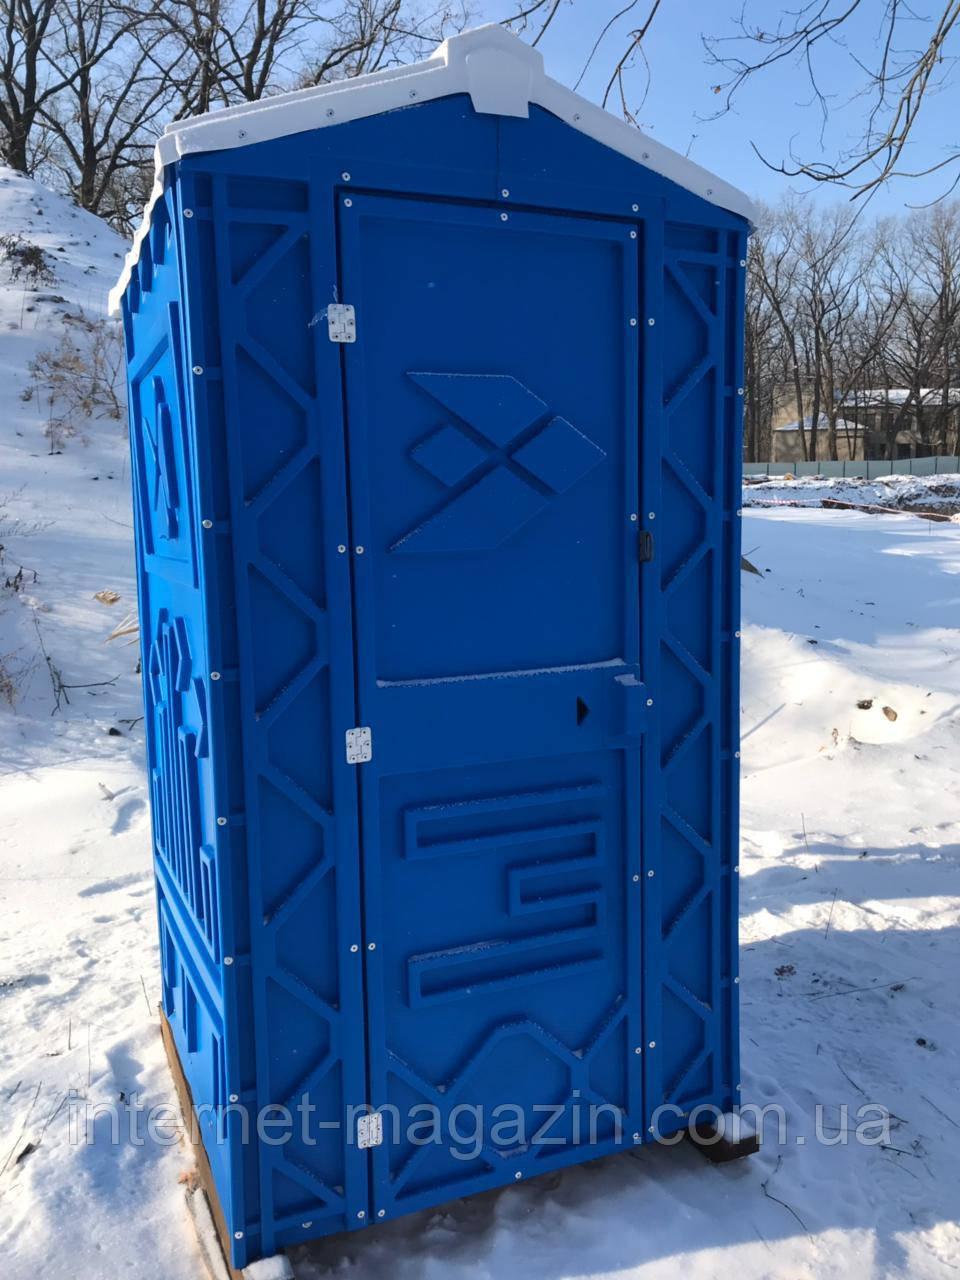 Мобильная туалетная кабина биотуалет